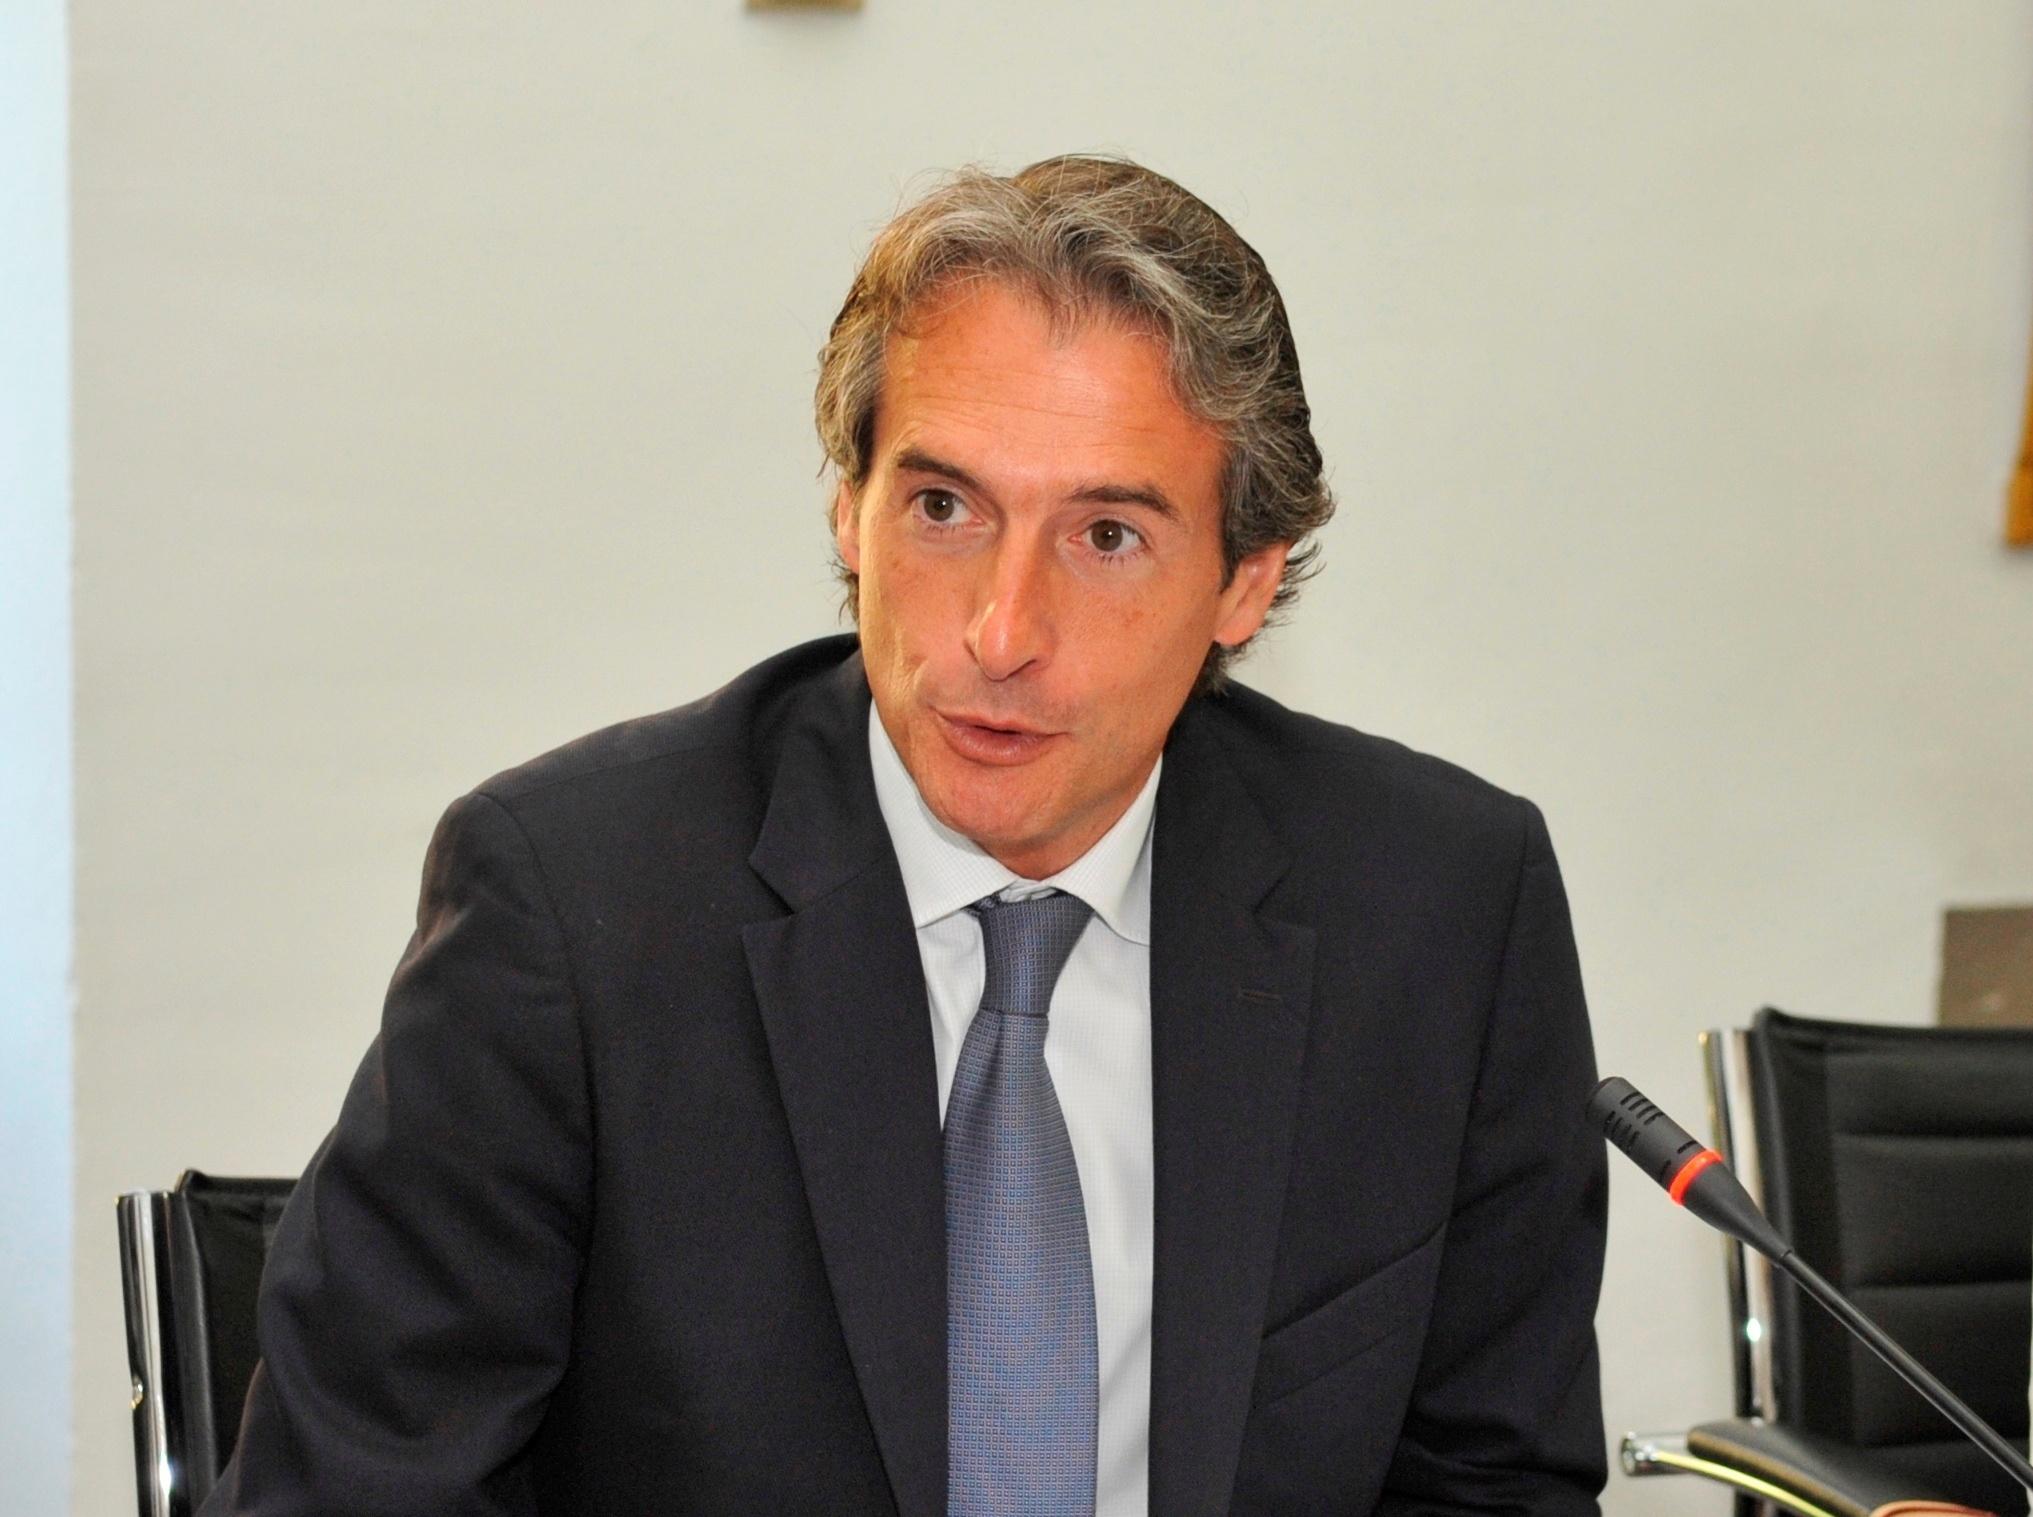 Representantes de 41 municipios, entre ellos Logroño, participan en Cáceres en la asamblea anual de la RECI